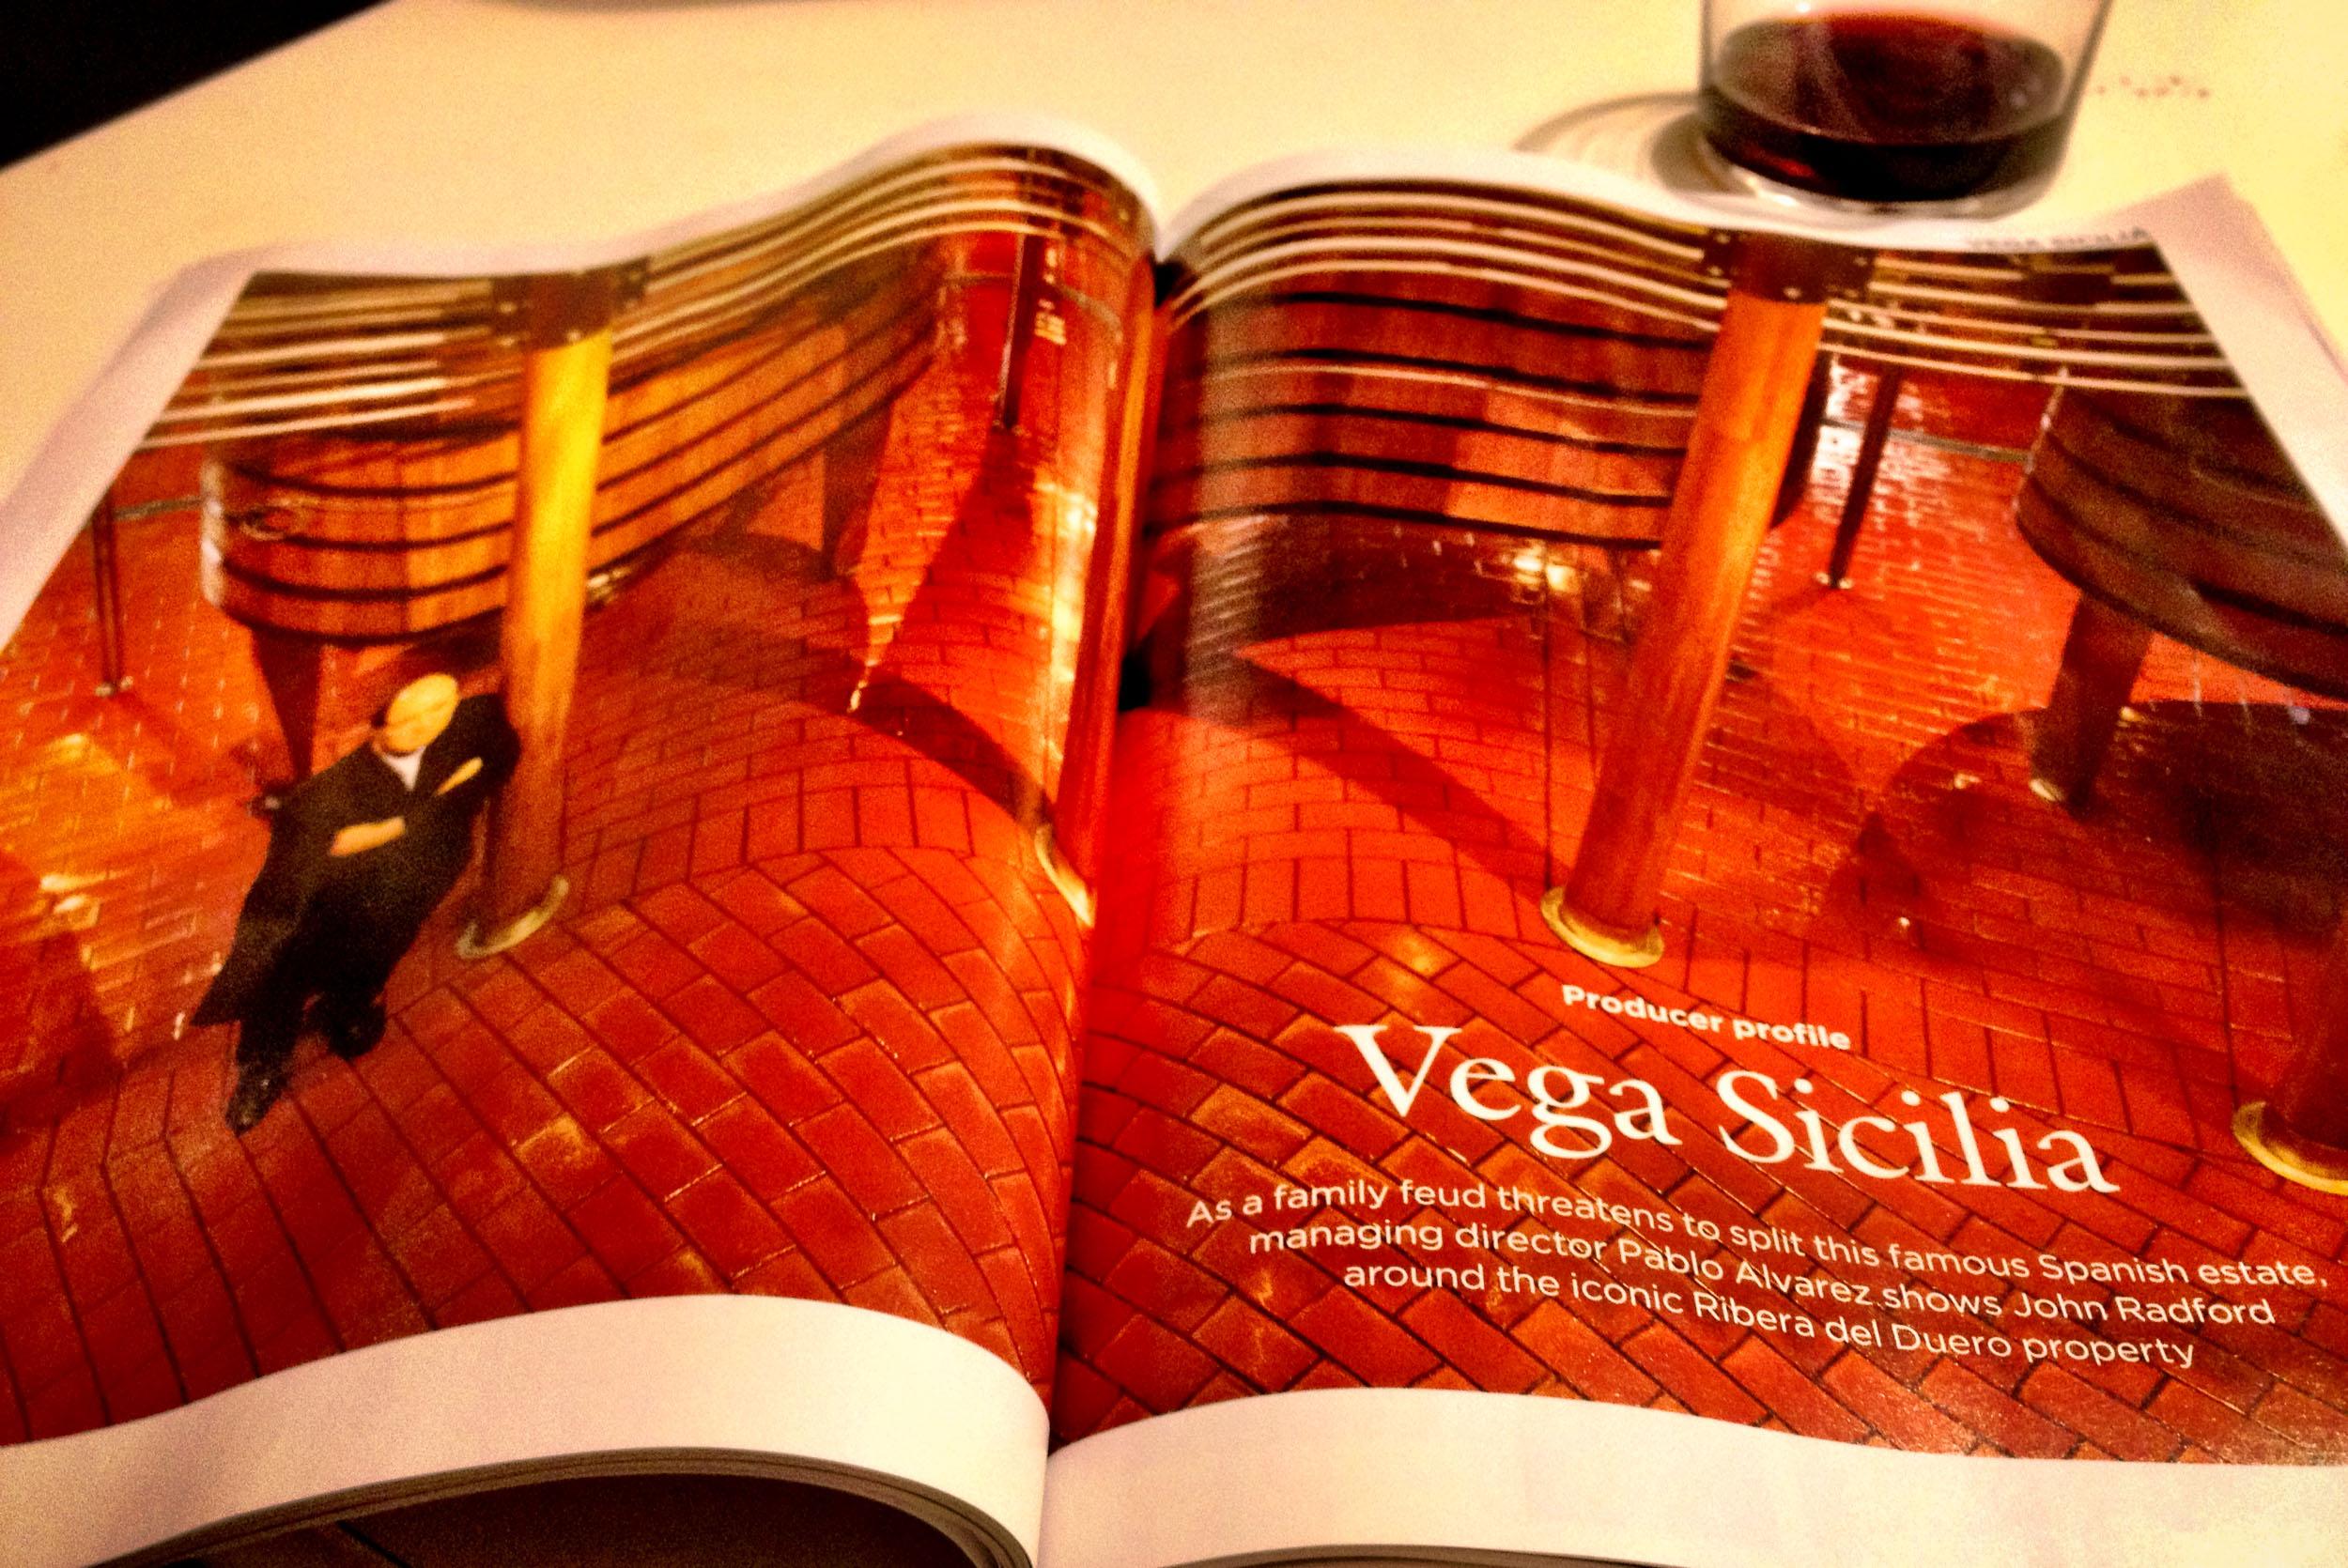 Retratos Corporativos Valladolid España - Pablo Alvarez Bodegas Vega Sicilia Valbuena del Duero - James Sturcke Photographer | sturcke.org_009.jpg